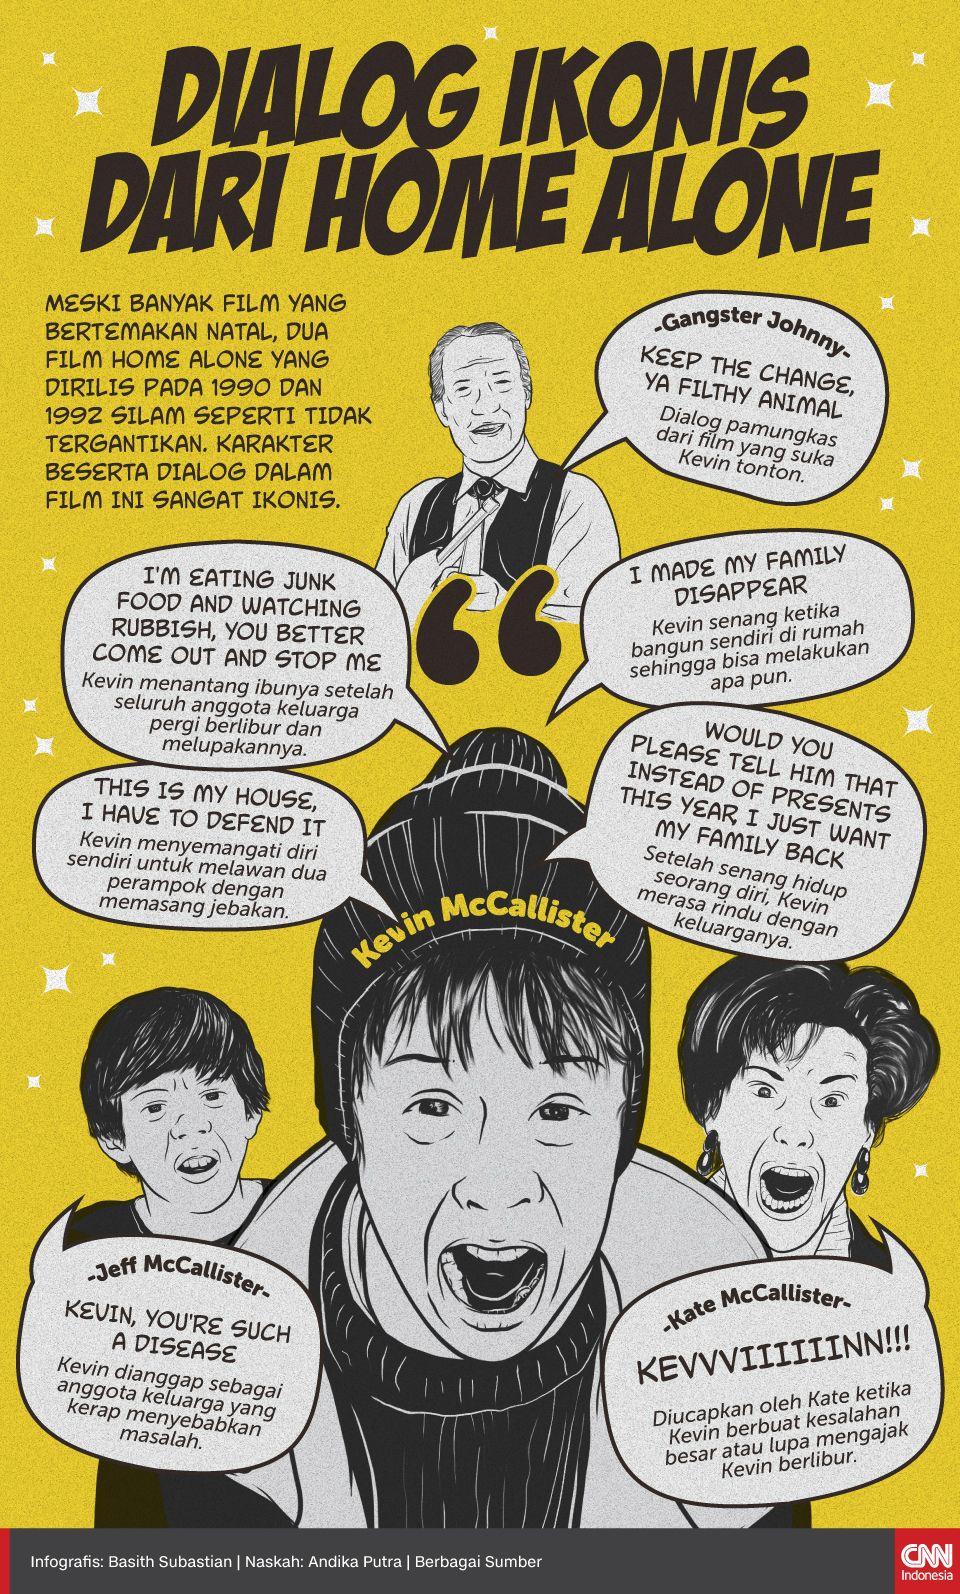 Infografis Dialog Ikonis dari Home Alone